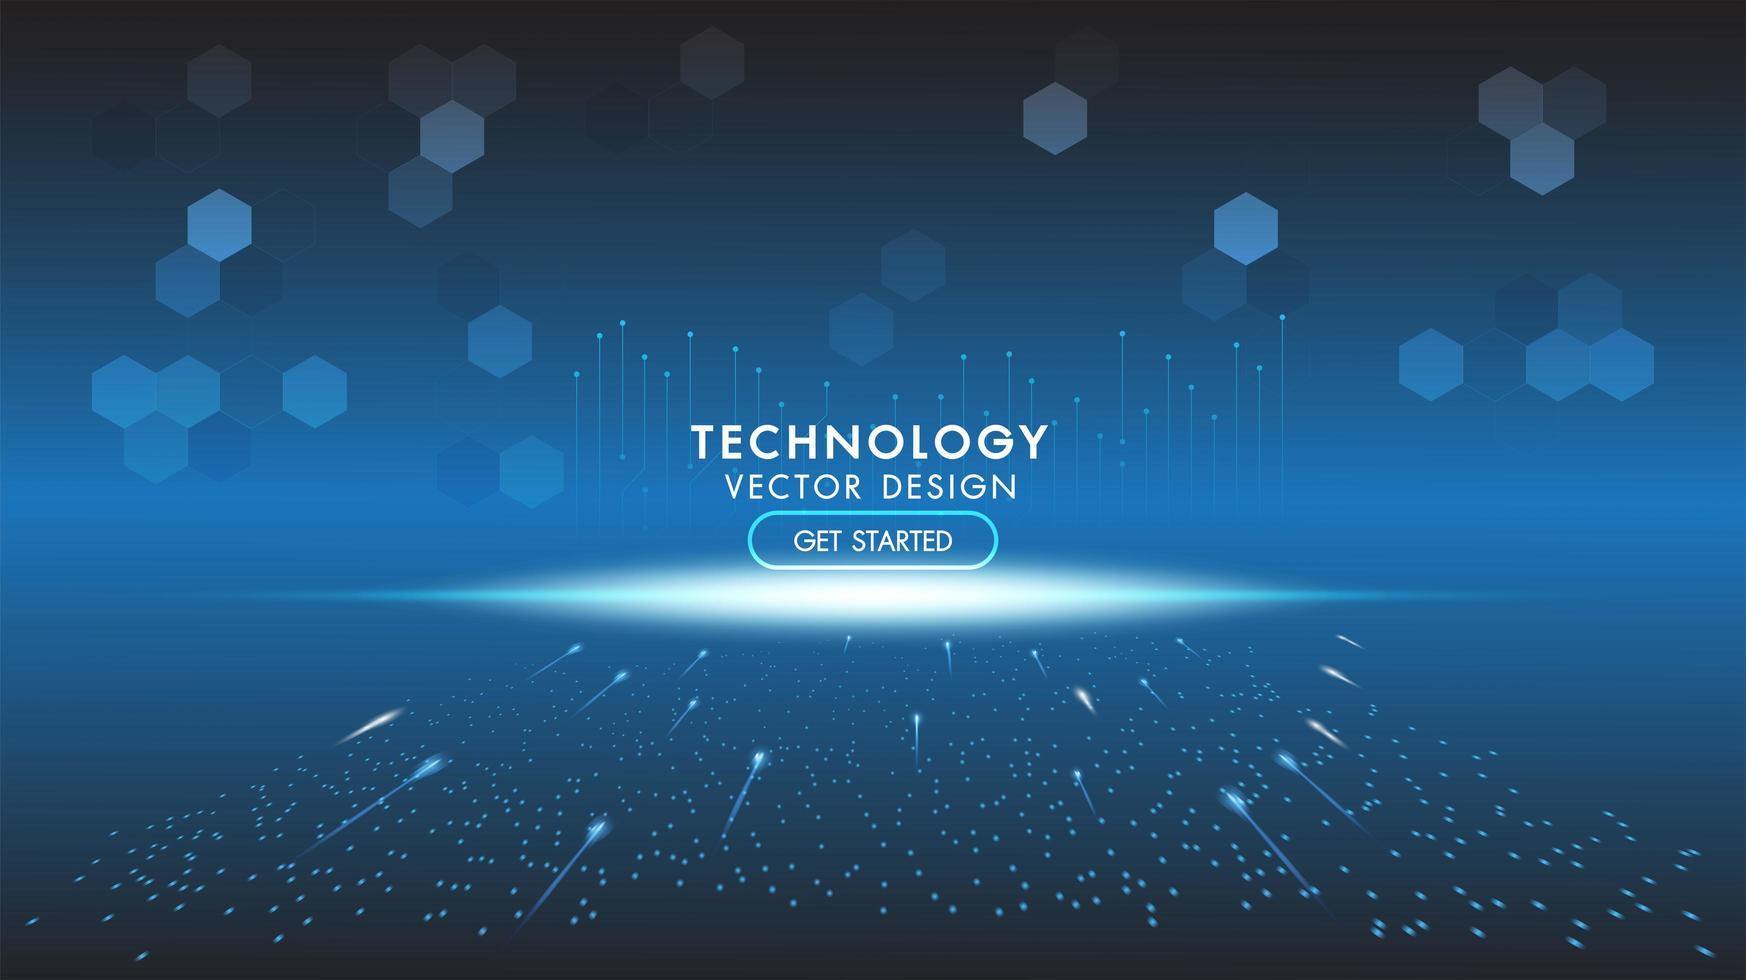 abstrakter technologischer Hintergrund, Hi-Tech-Kommunikation vektor